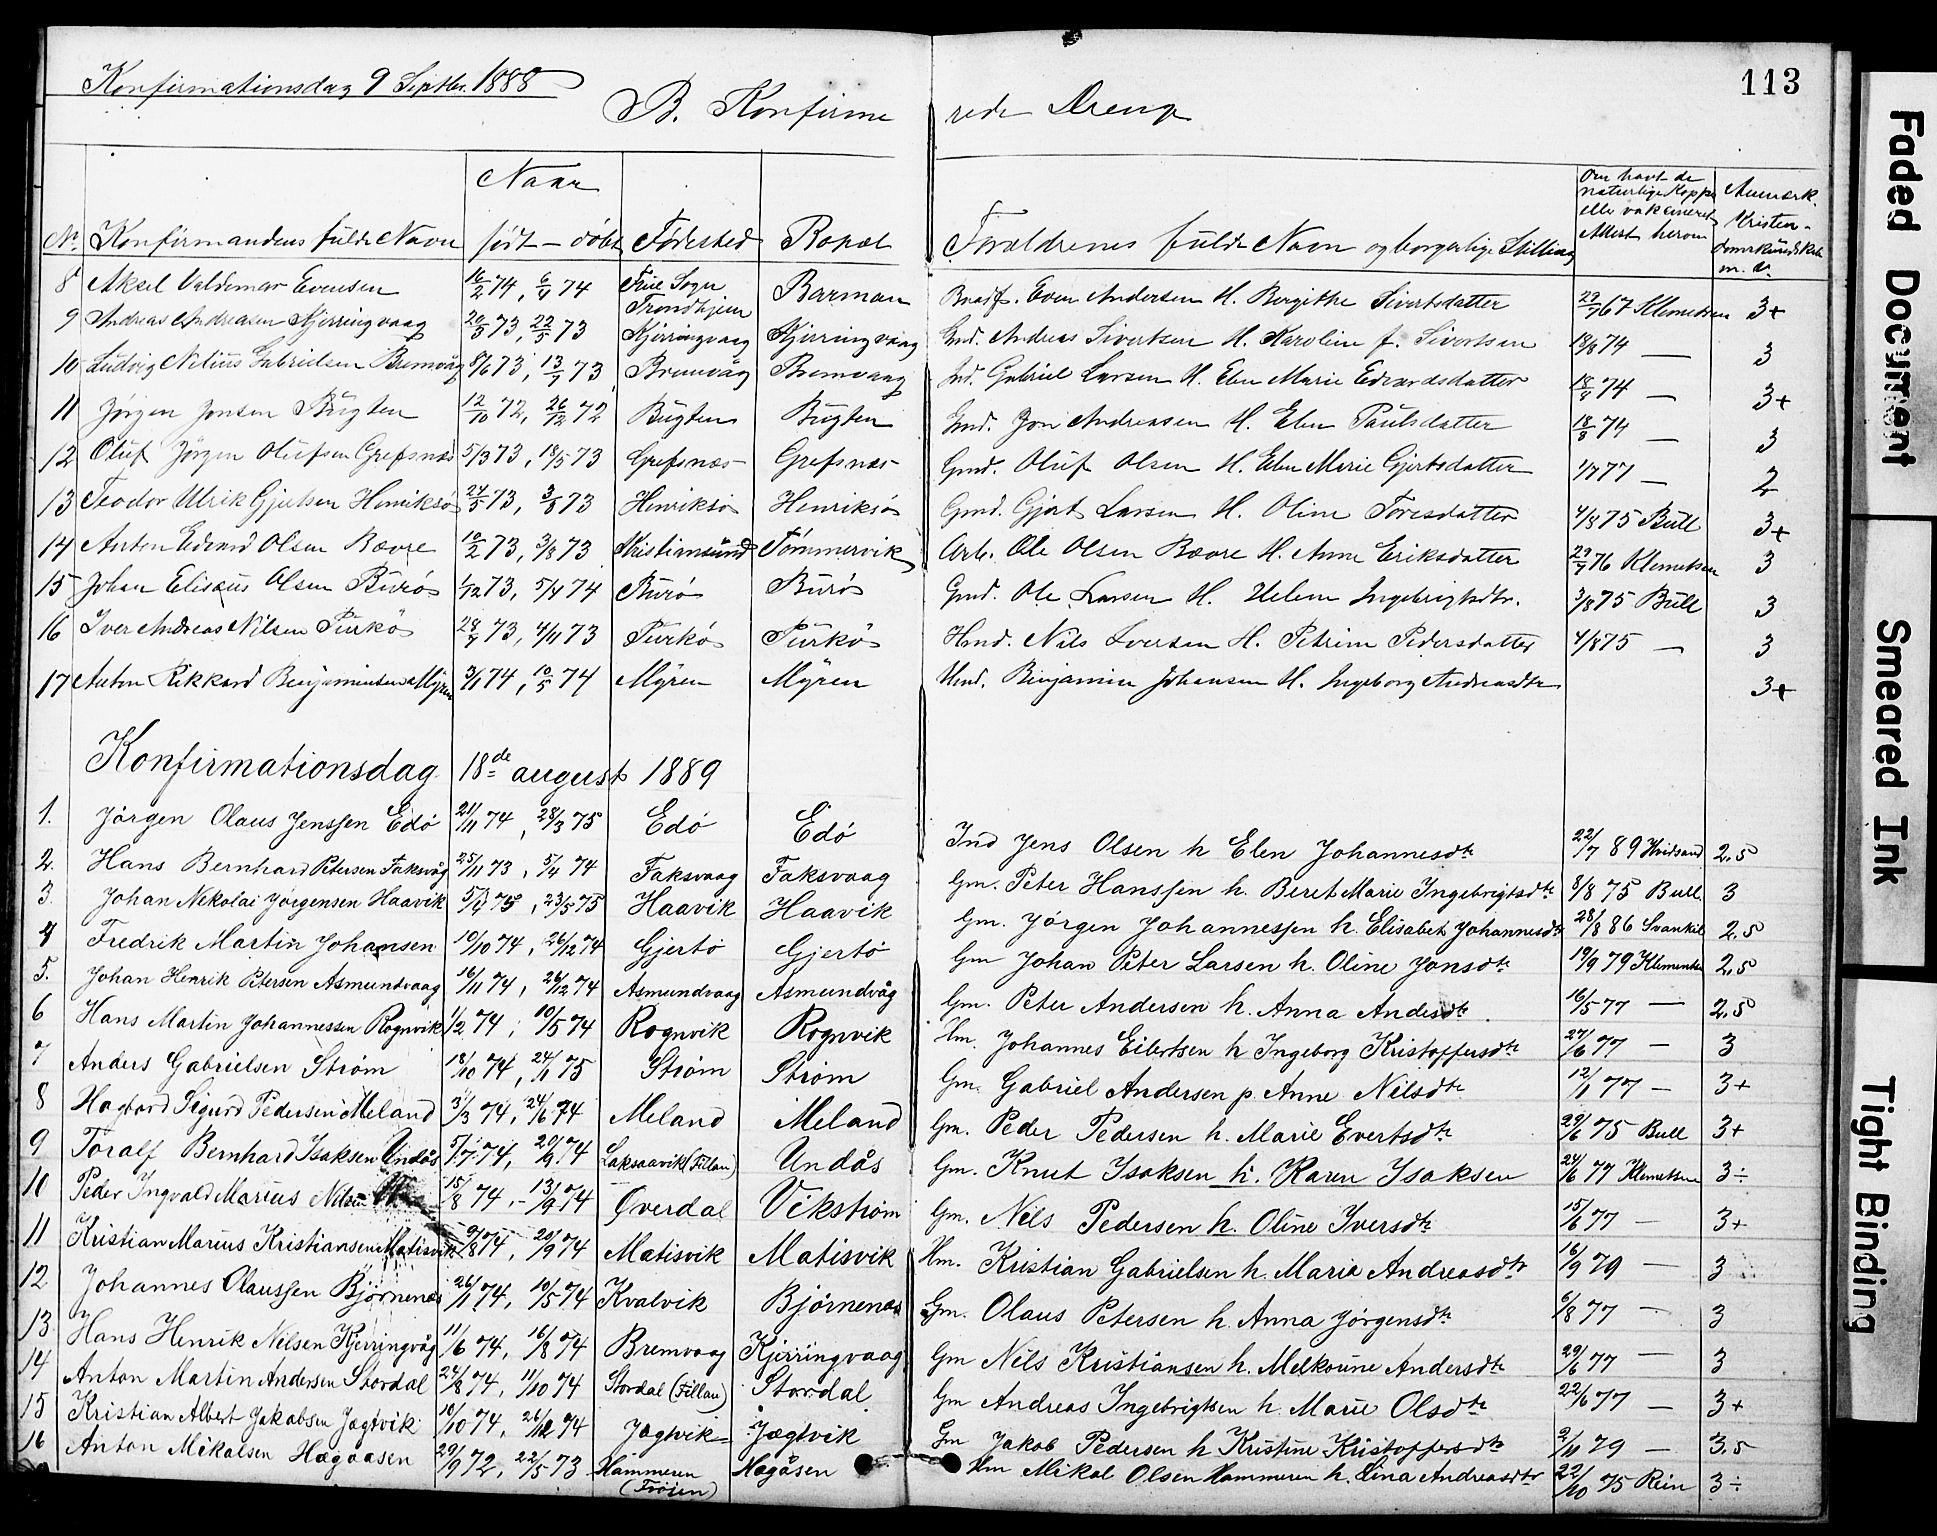 SAT, Ministerialprotokoller, klokkerbøker og fødselsregistre - Sør-Trøndelag, 634/L0541: Klokkerbok nr. 634C03, 1874-1891, s. 113